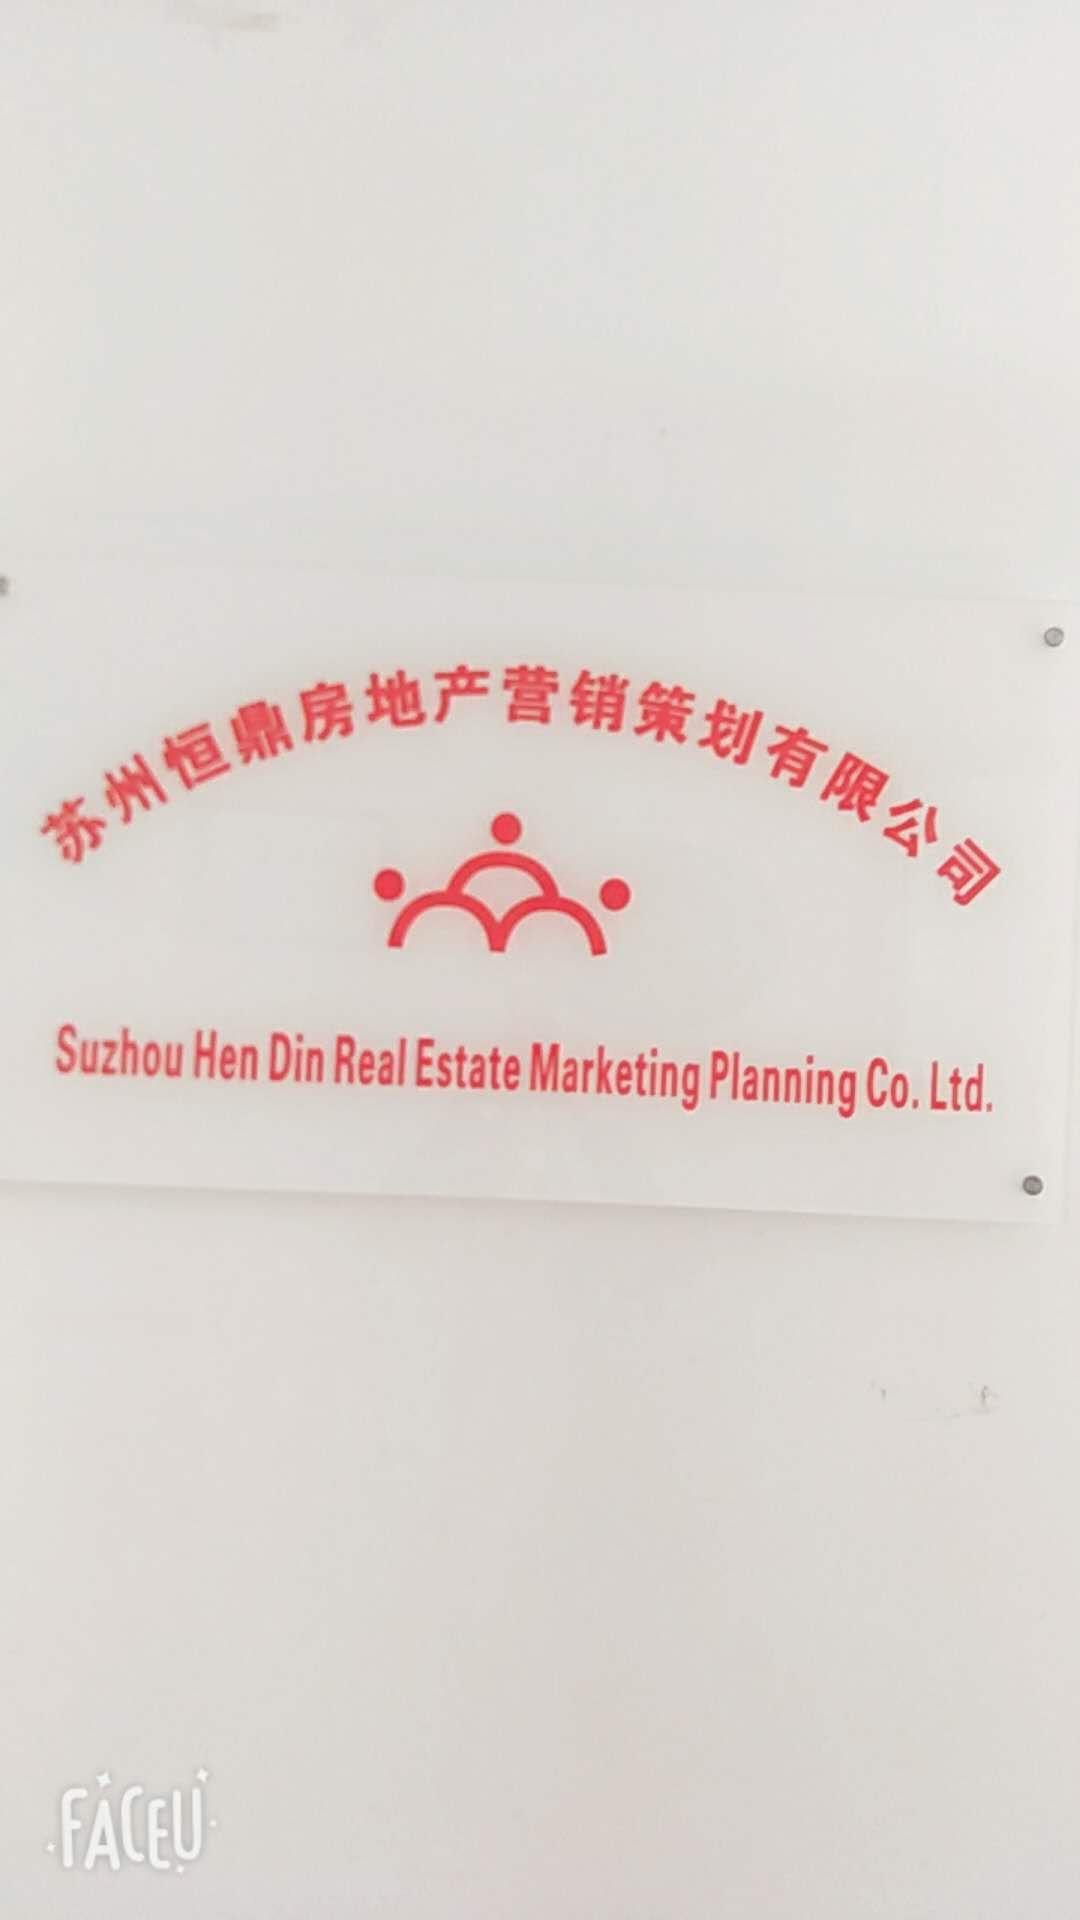 苏州恒鼎房地产营销策划有限公司